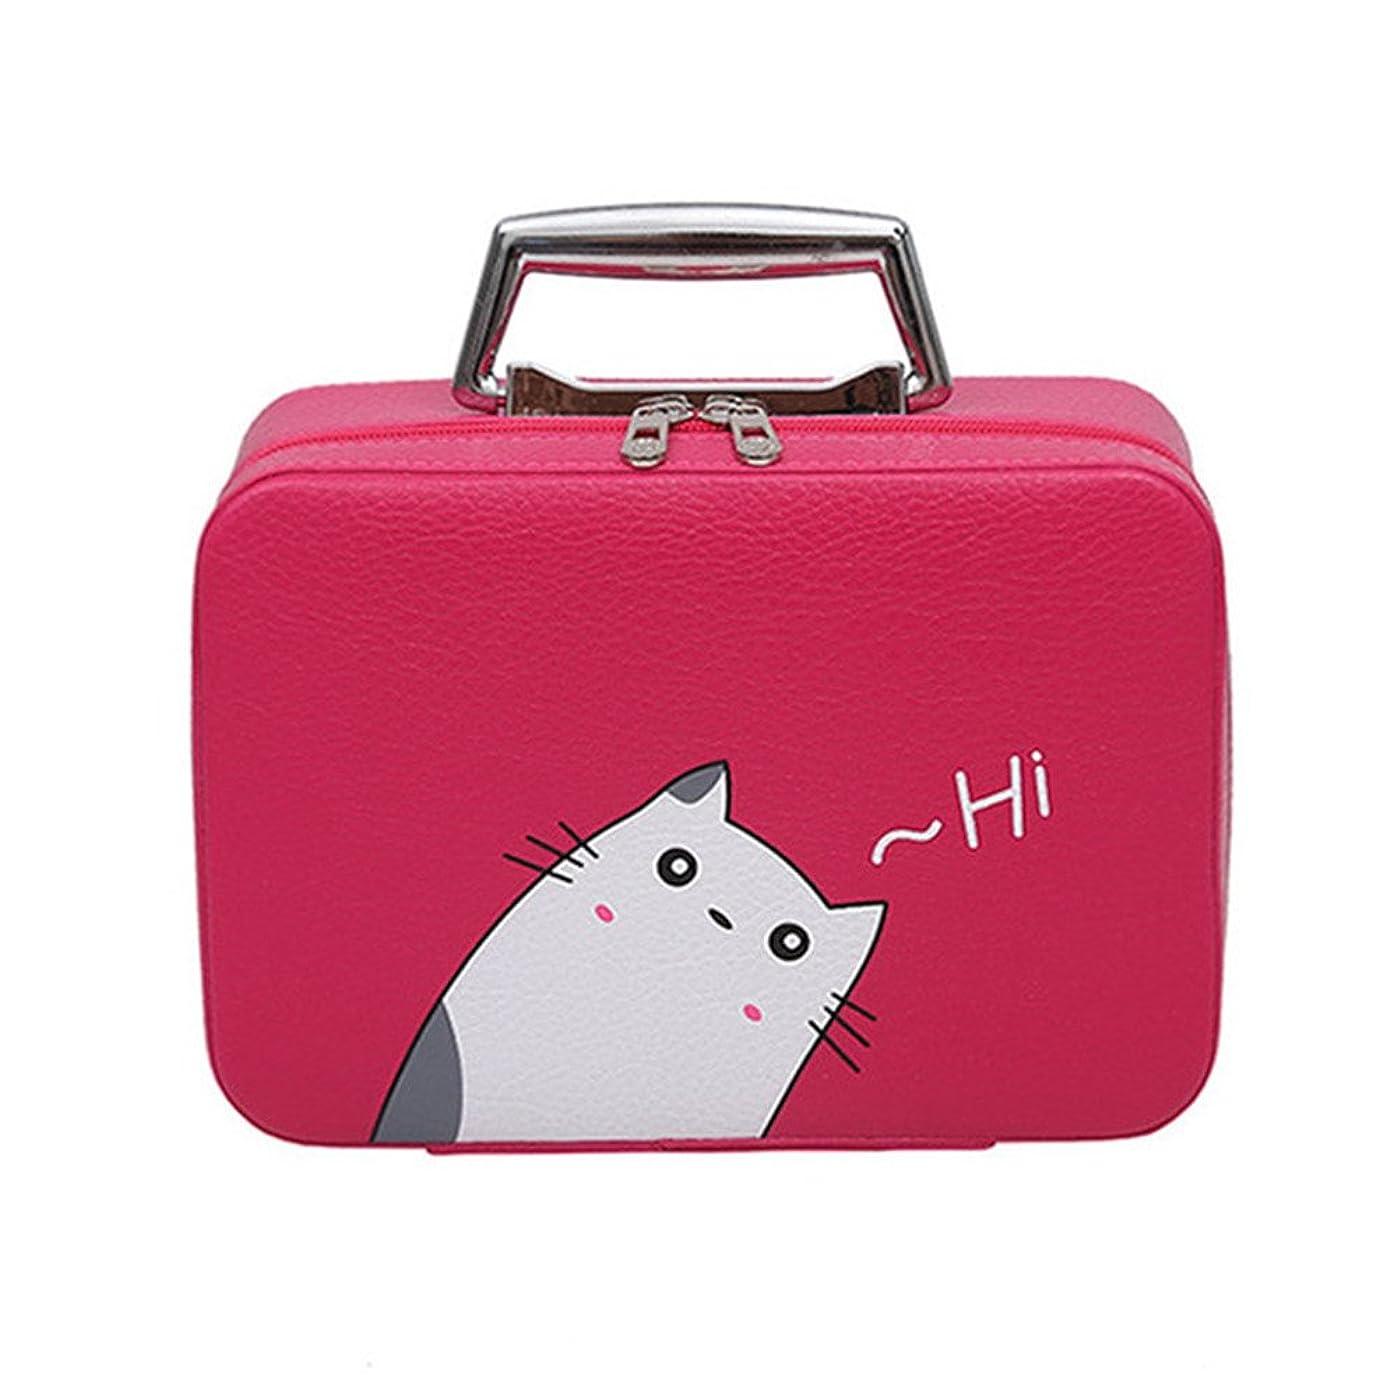 分析するアトラススライムメイクバッグ Akane ファッション 超かわいい 高品質 ねこ柄 人気 大容量 立方体 ポータブル 耐摩耗 便利 旅行 レディース 防水 激安 化粧バッグ (8色) (レッド/ねこ)